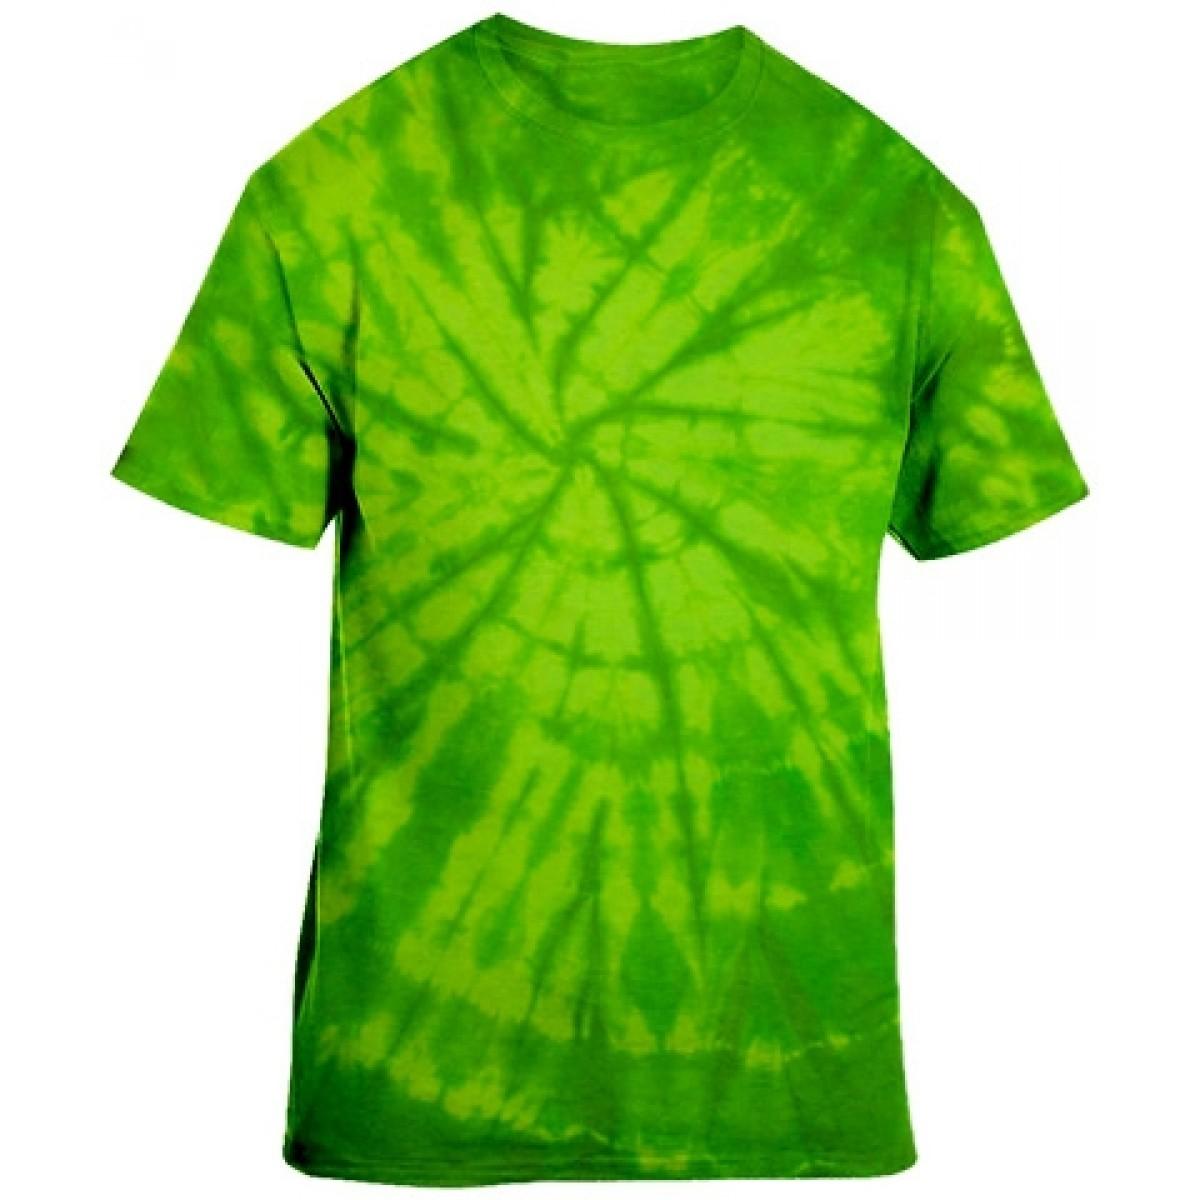 Tie-Dye Neon Green Short Sleeve-Neon Green-YS